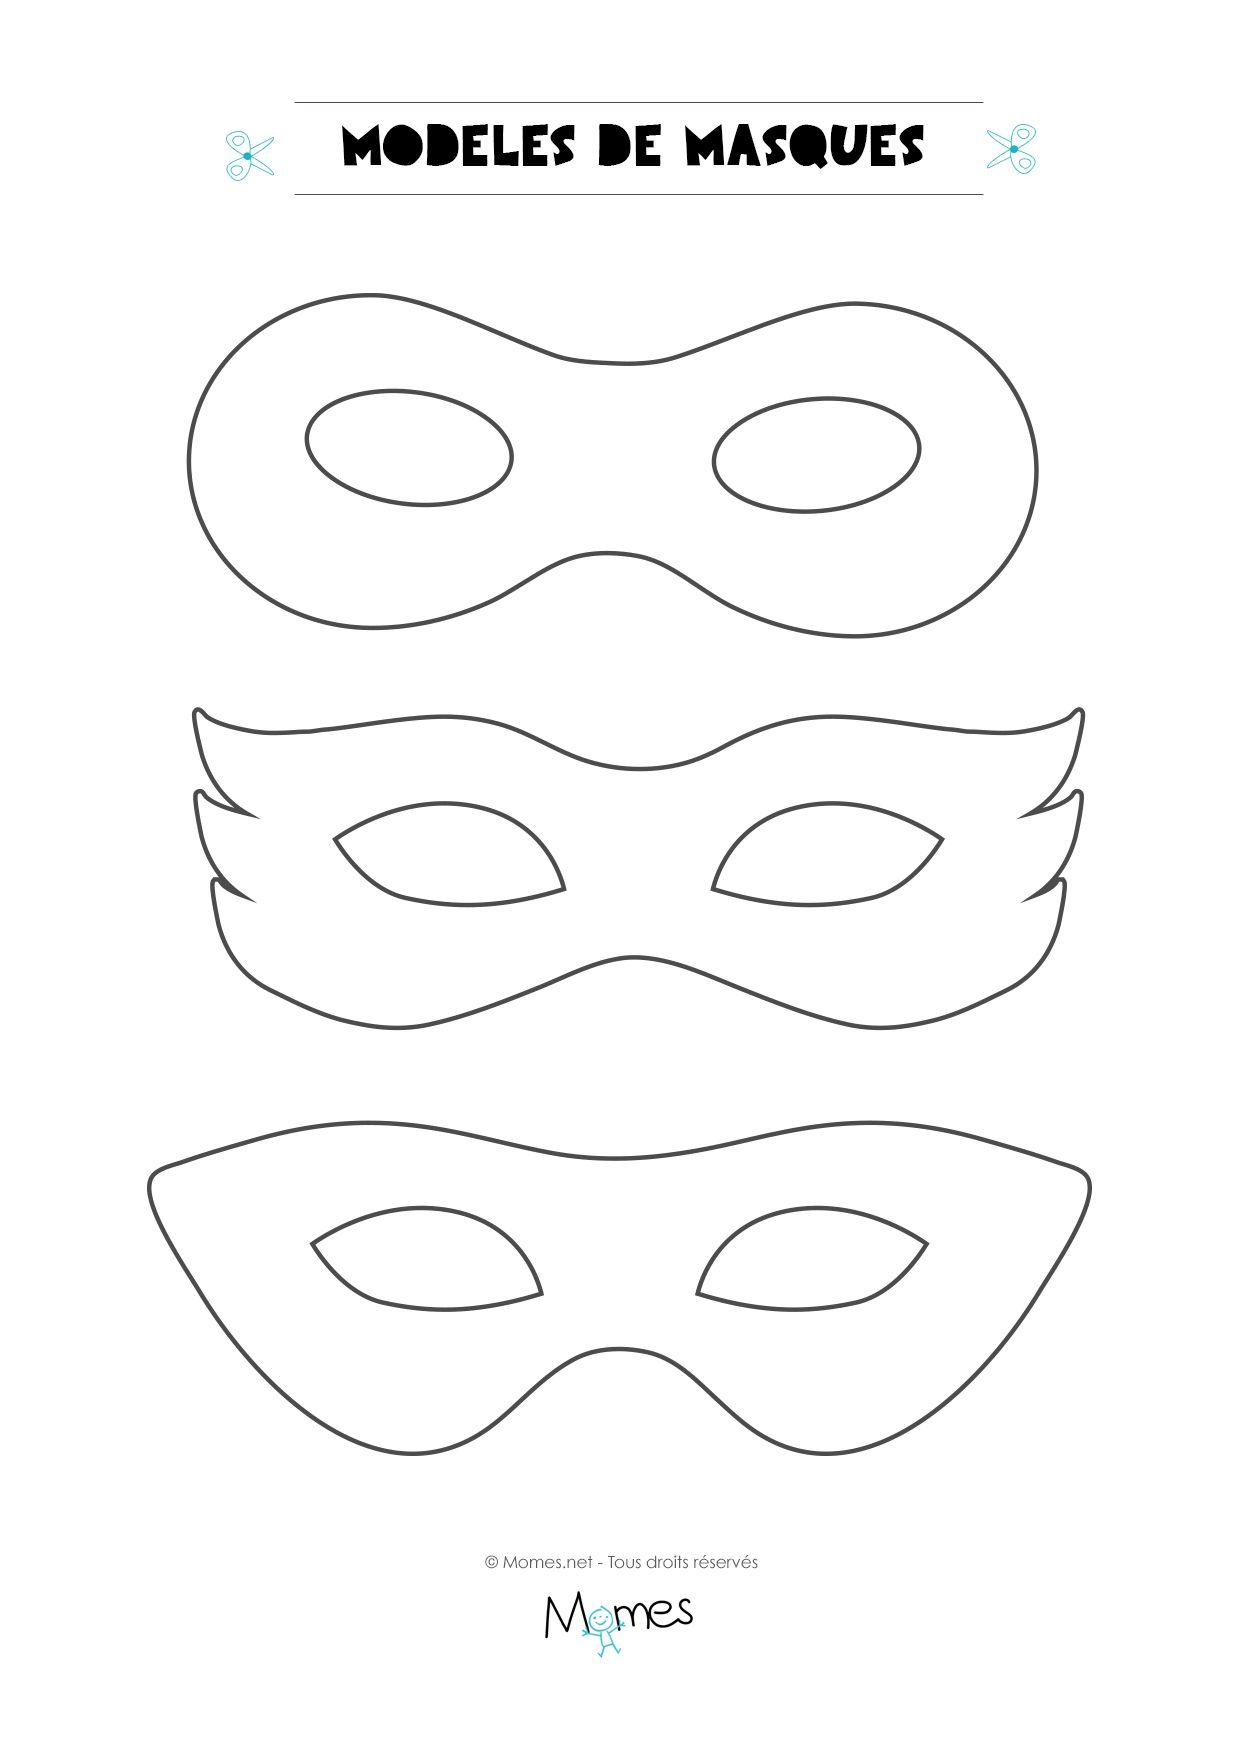 6 mod les de masques pour le carnaval gabarit carnaval - Coloriage a faire soi meme ...